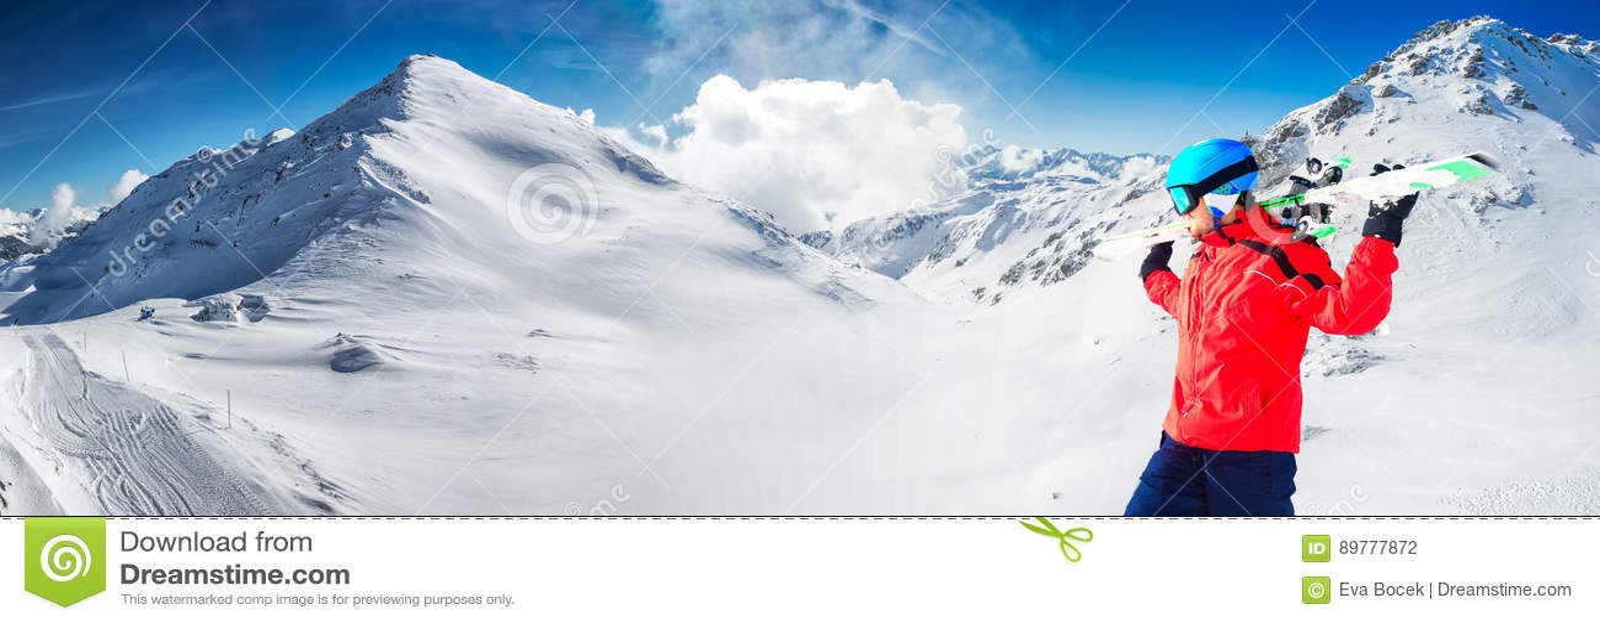 Obsługuje cieszyć się oszałamiająco widok przed narciarstwem w sławnym narciarskim resorze